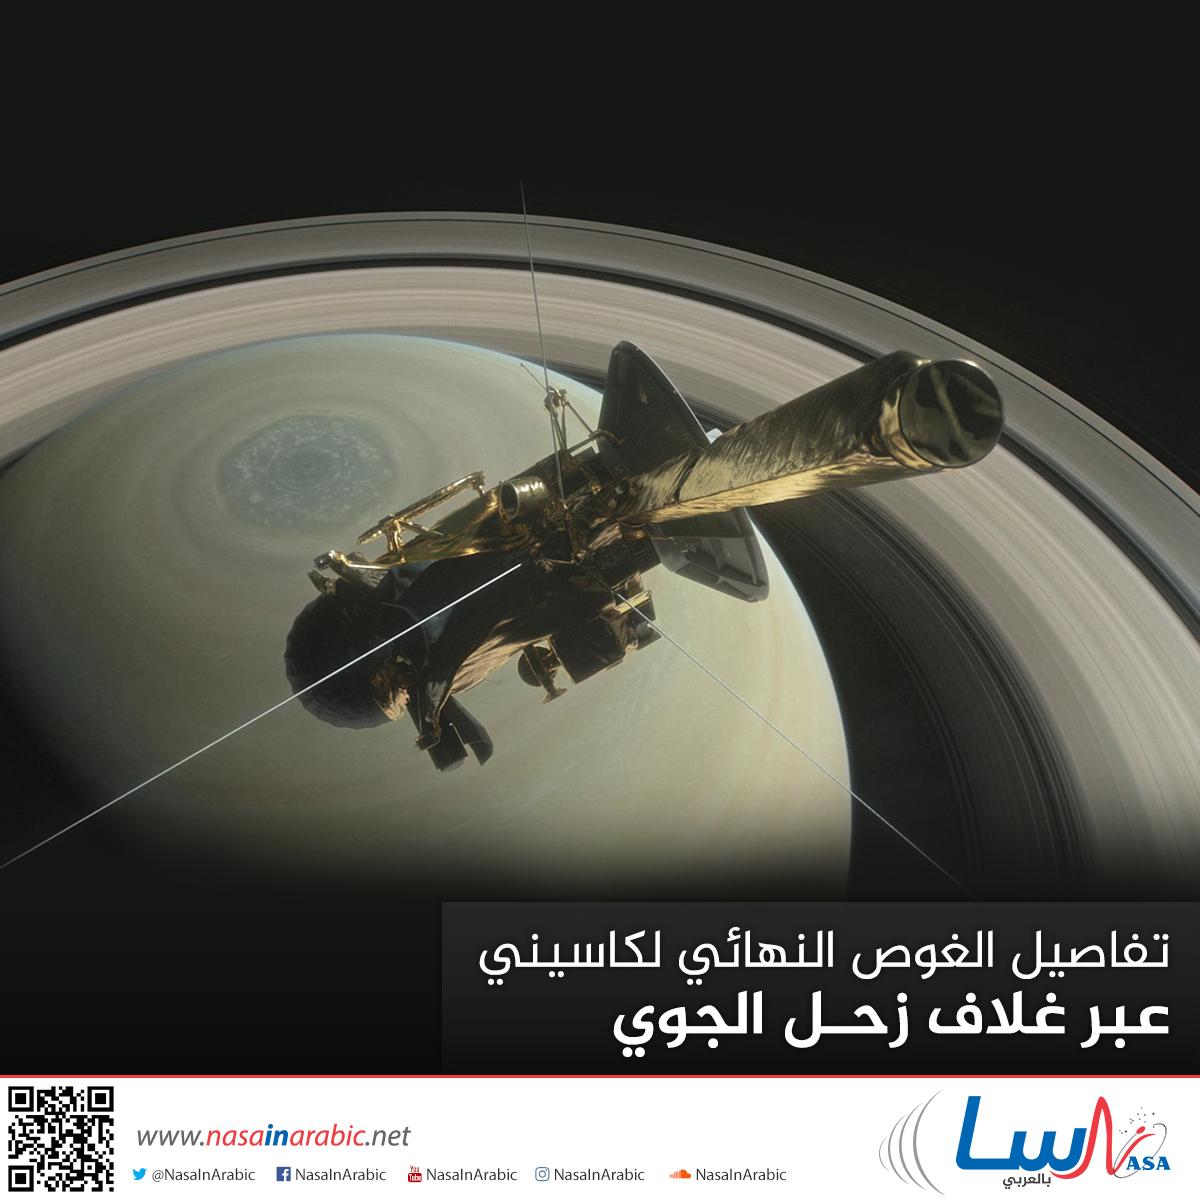 تفاصيل الغوص النهائي لكاسيني عبر غلاف زحل الجوي